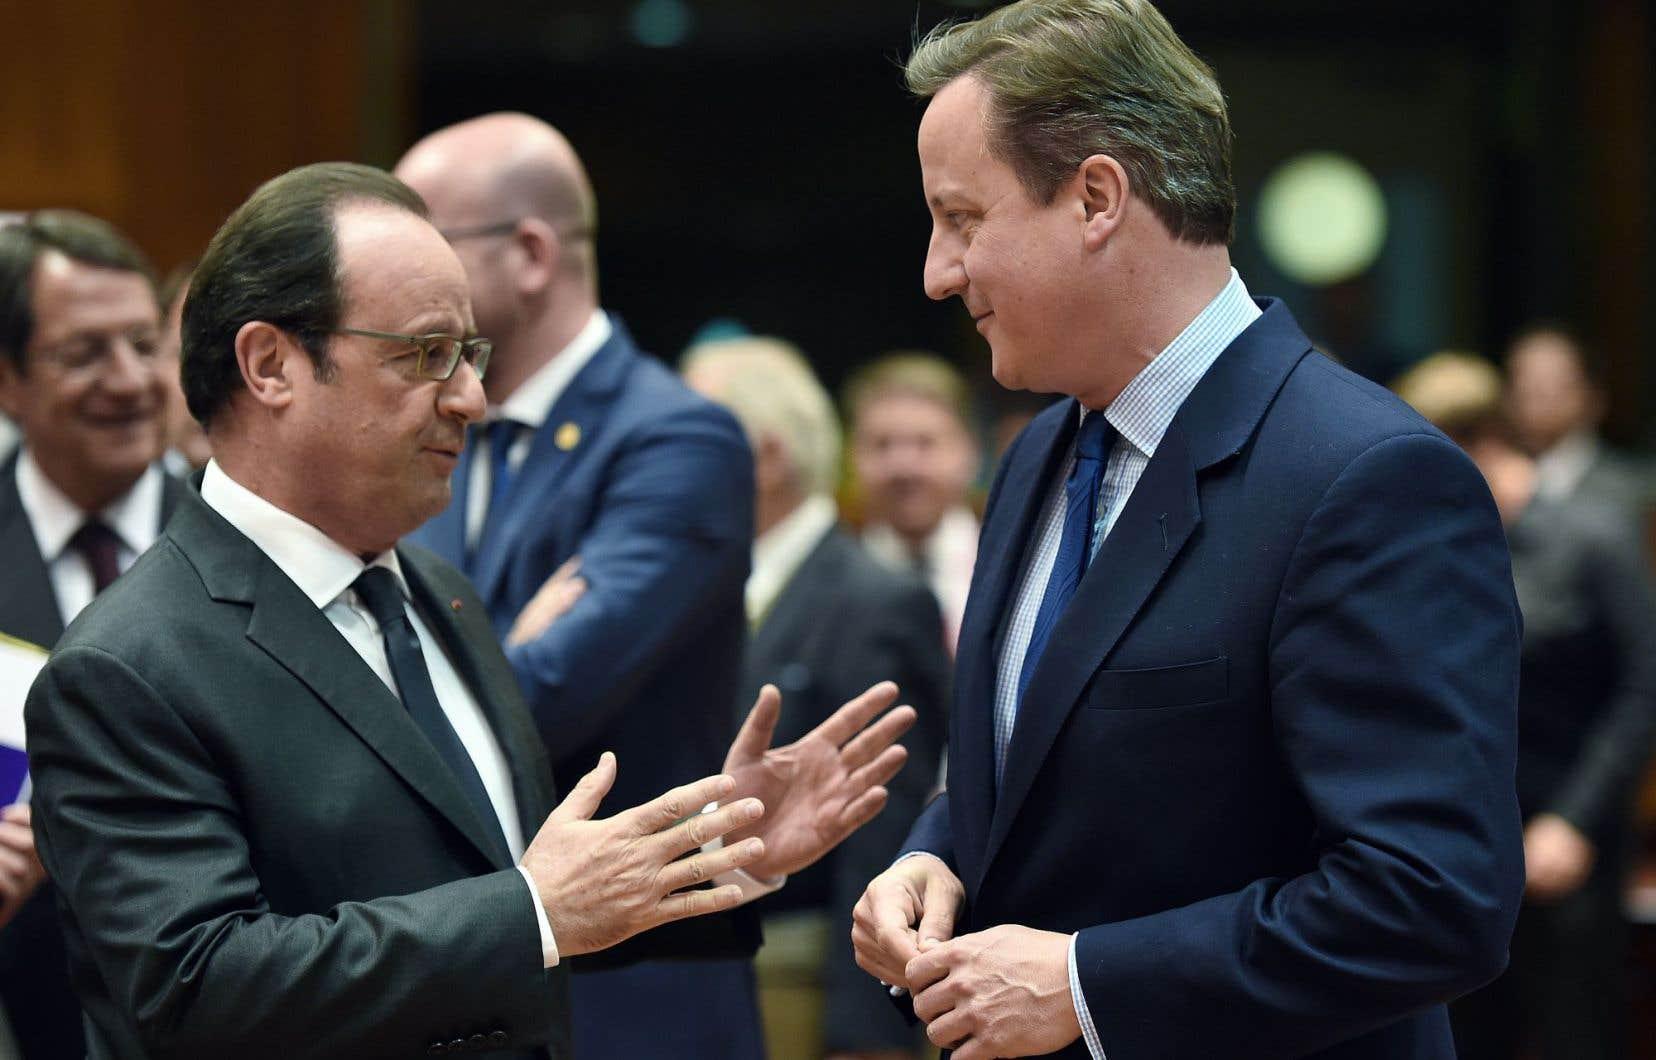 Le président français, François Hollande, s'est entretenu mardi avec le premier ministre britannique, David Cameron.